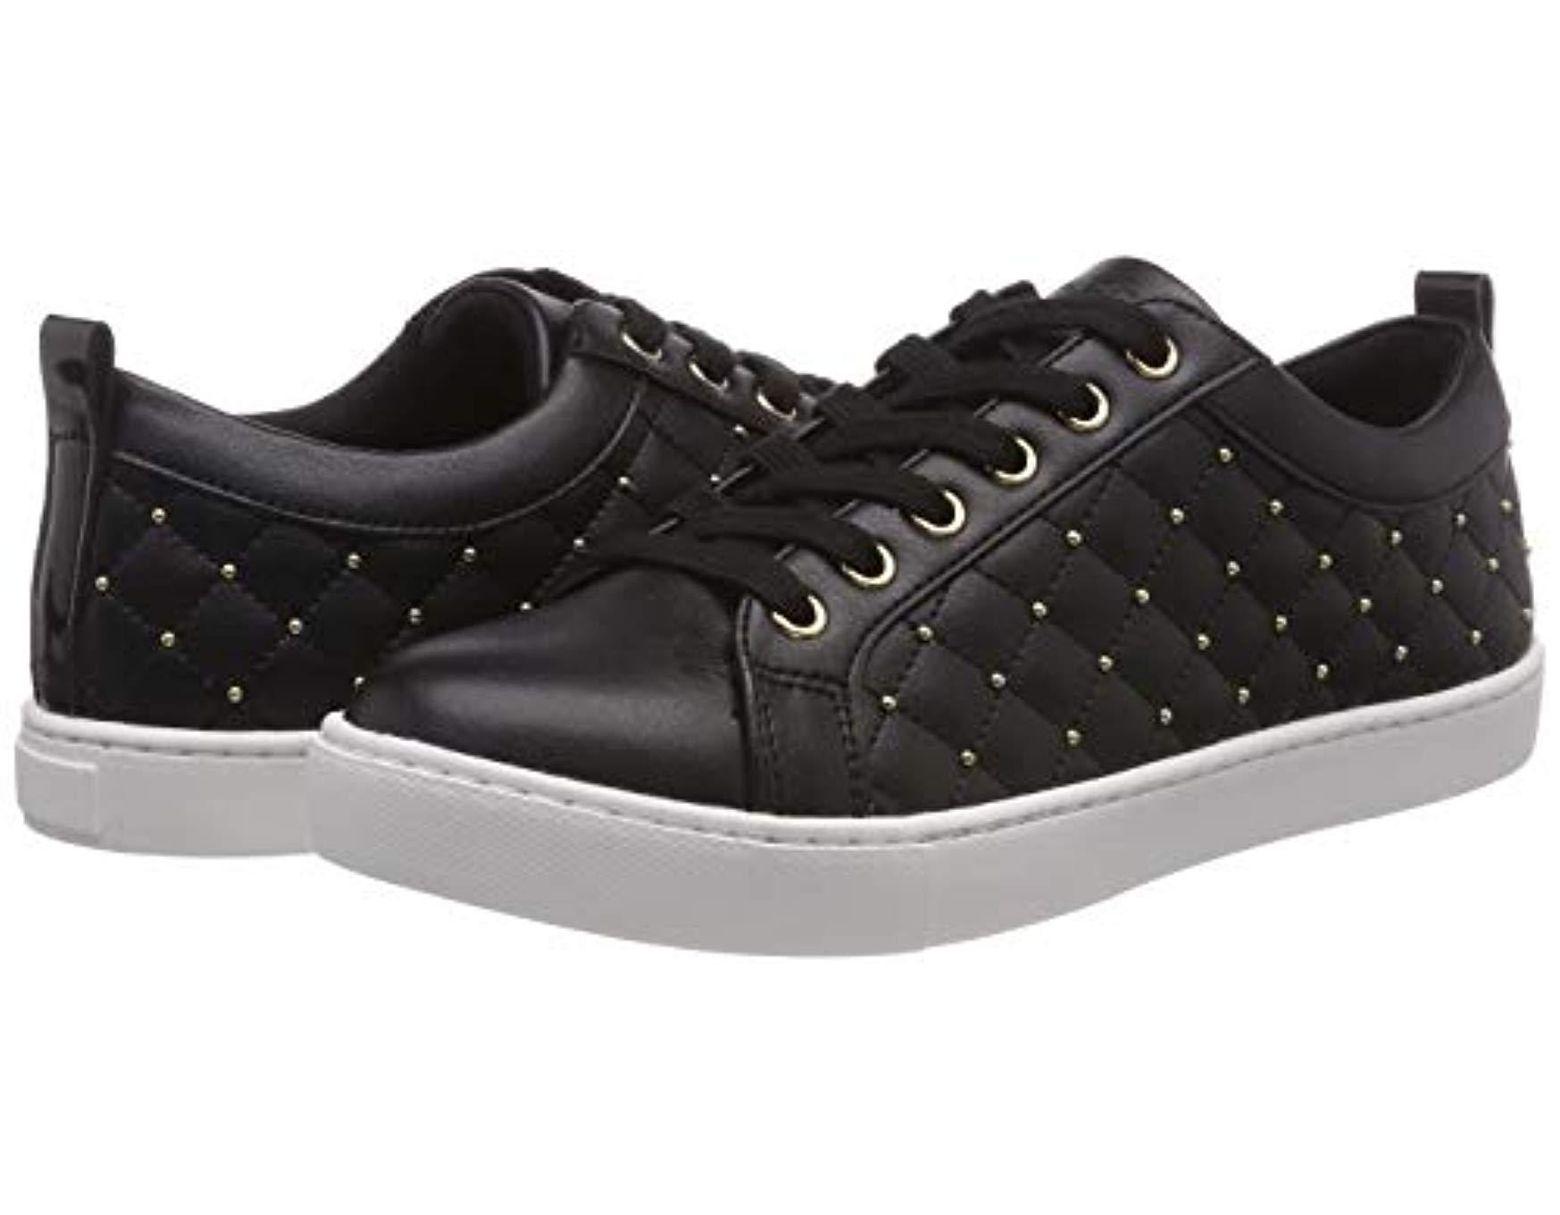 df68d0b3656a6 ALDO Wicardowia Low-top Sneakers in Black - Lyst